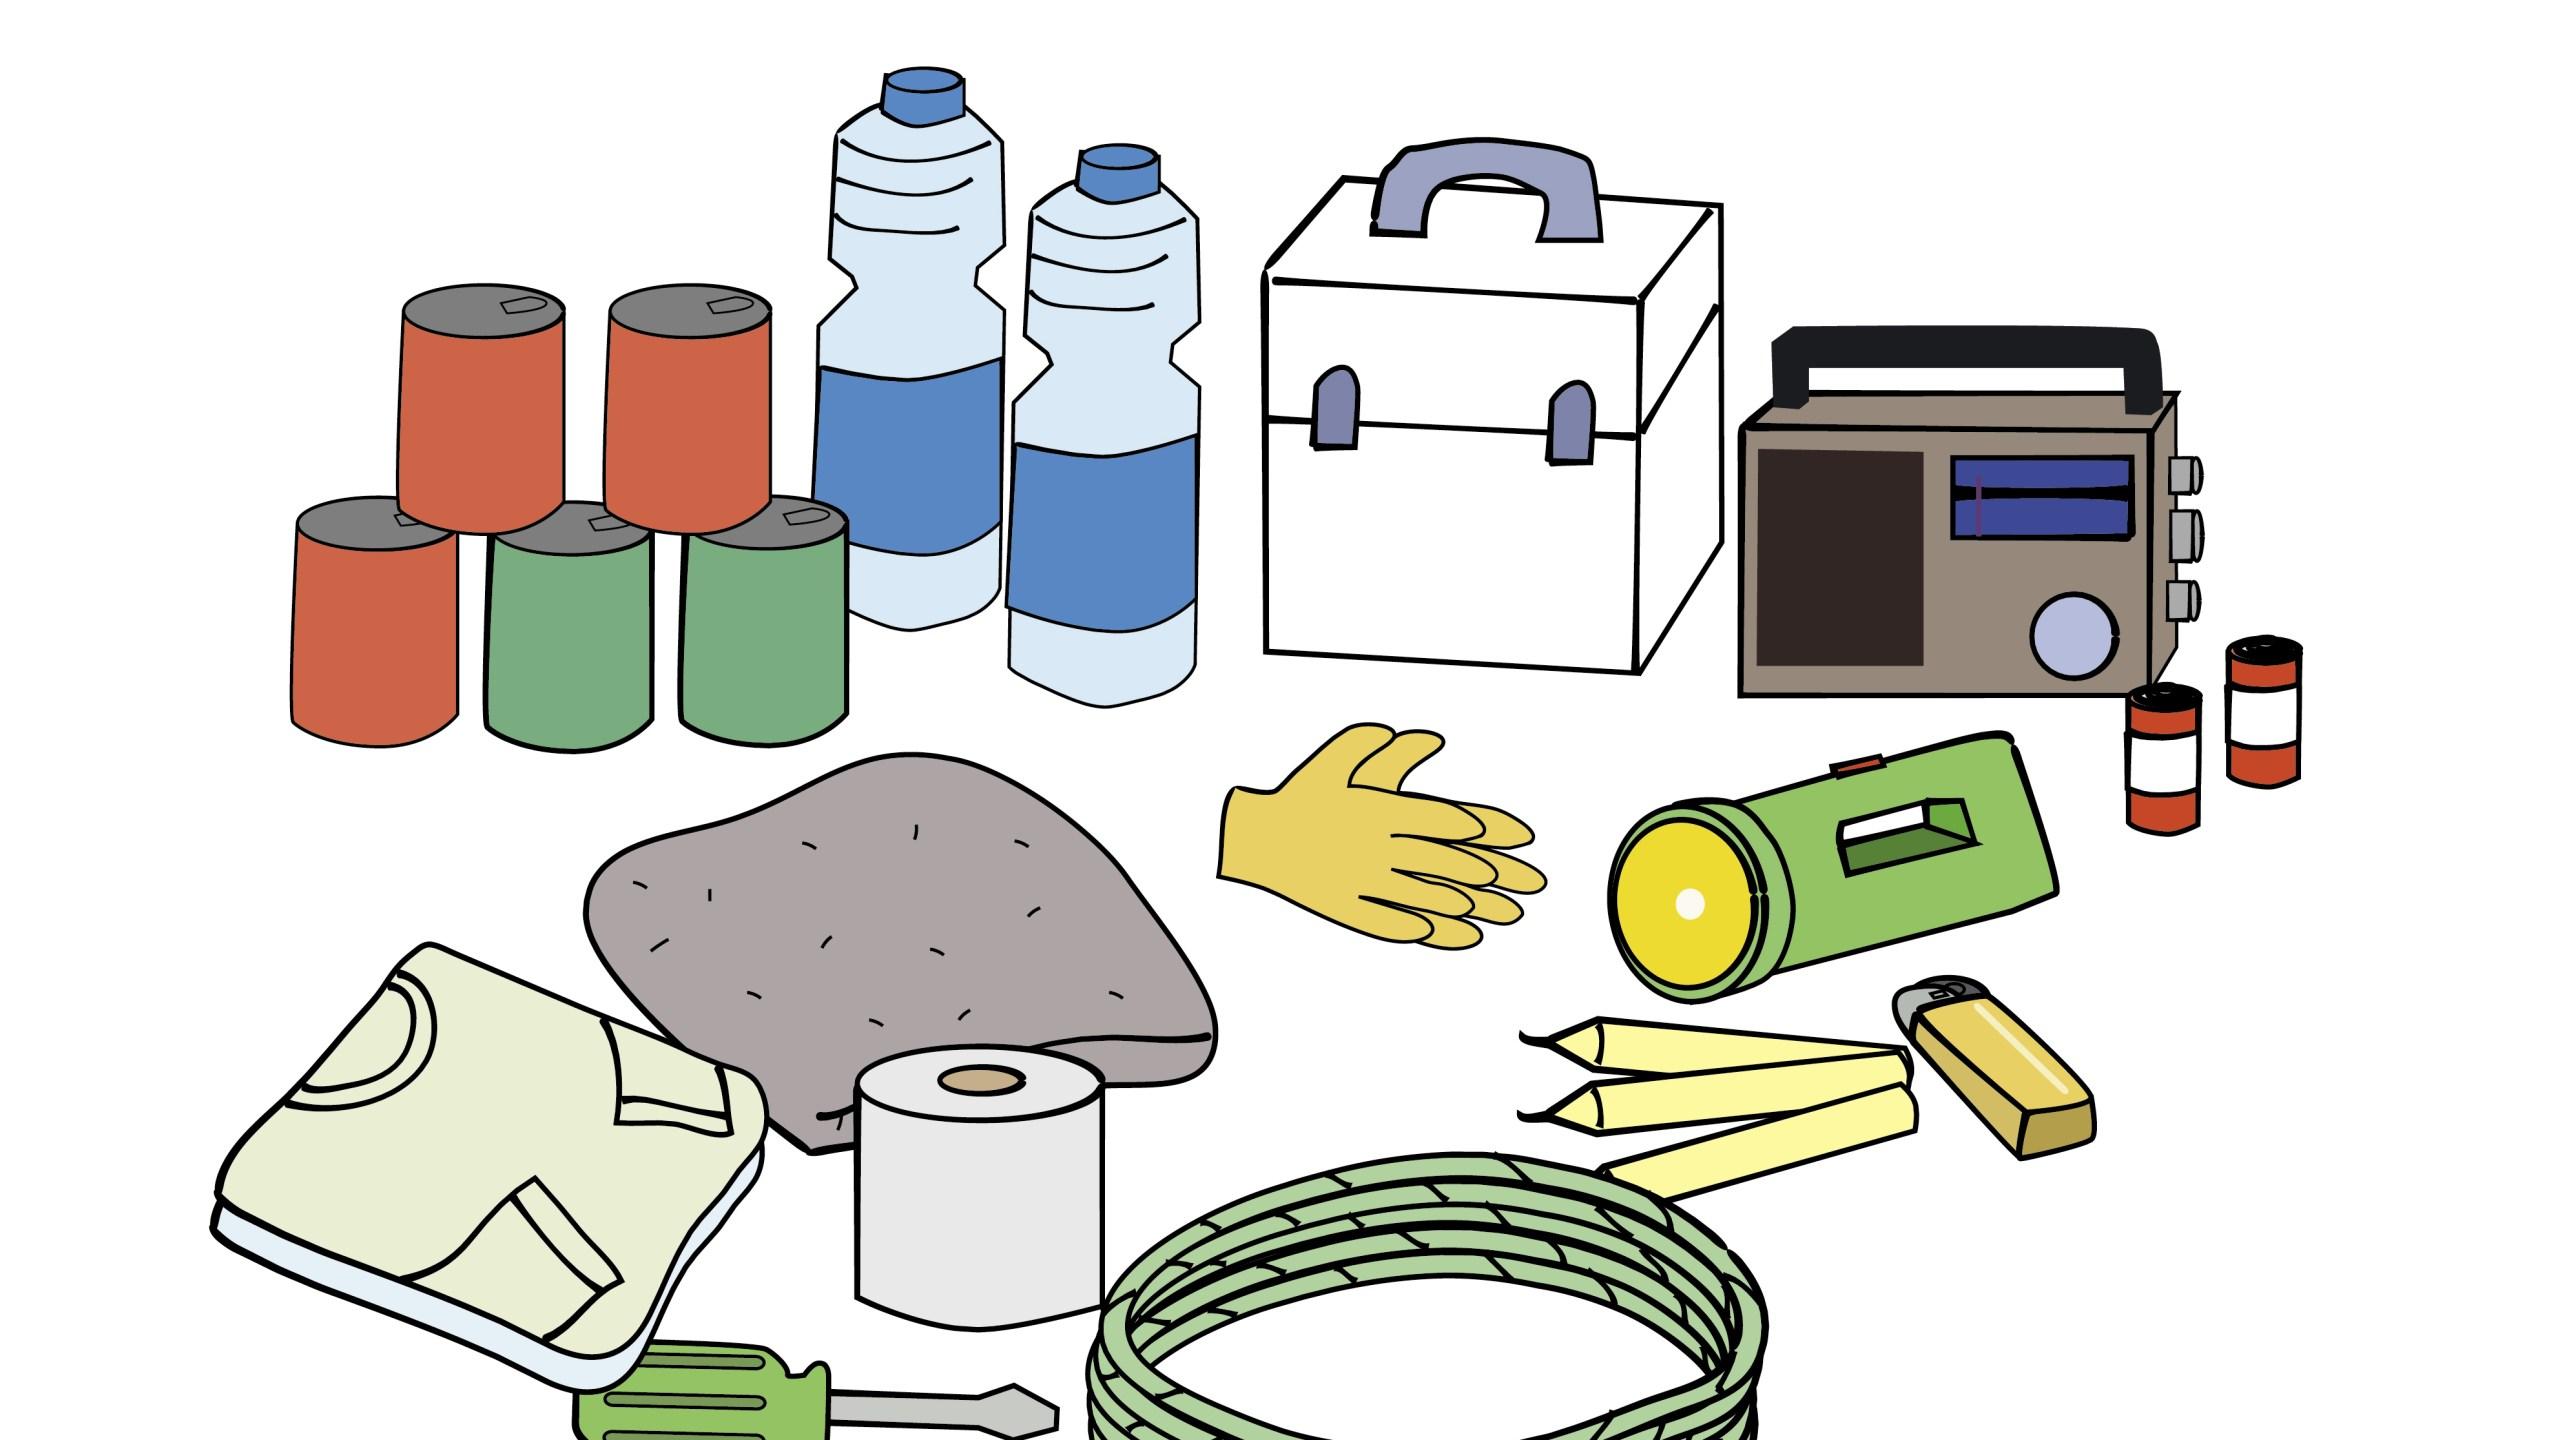 shutterstock_home-disaster-kit_1521744253508.jpg